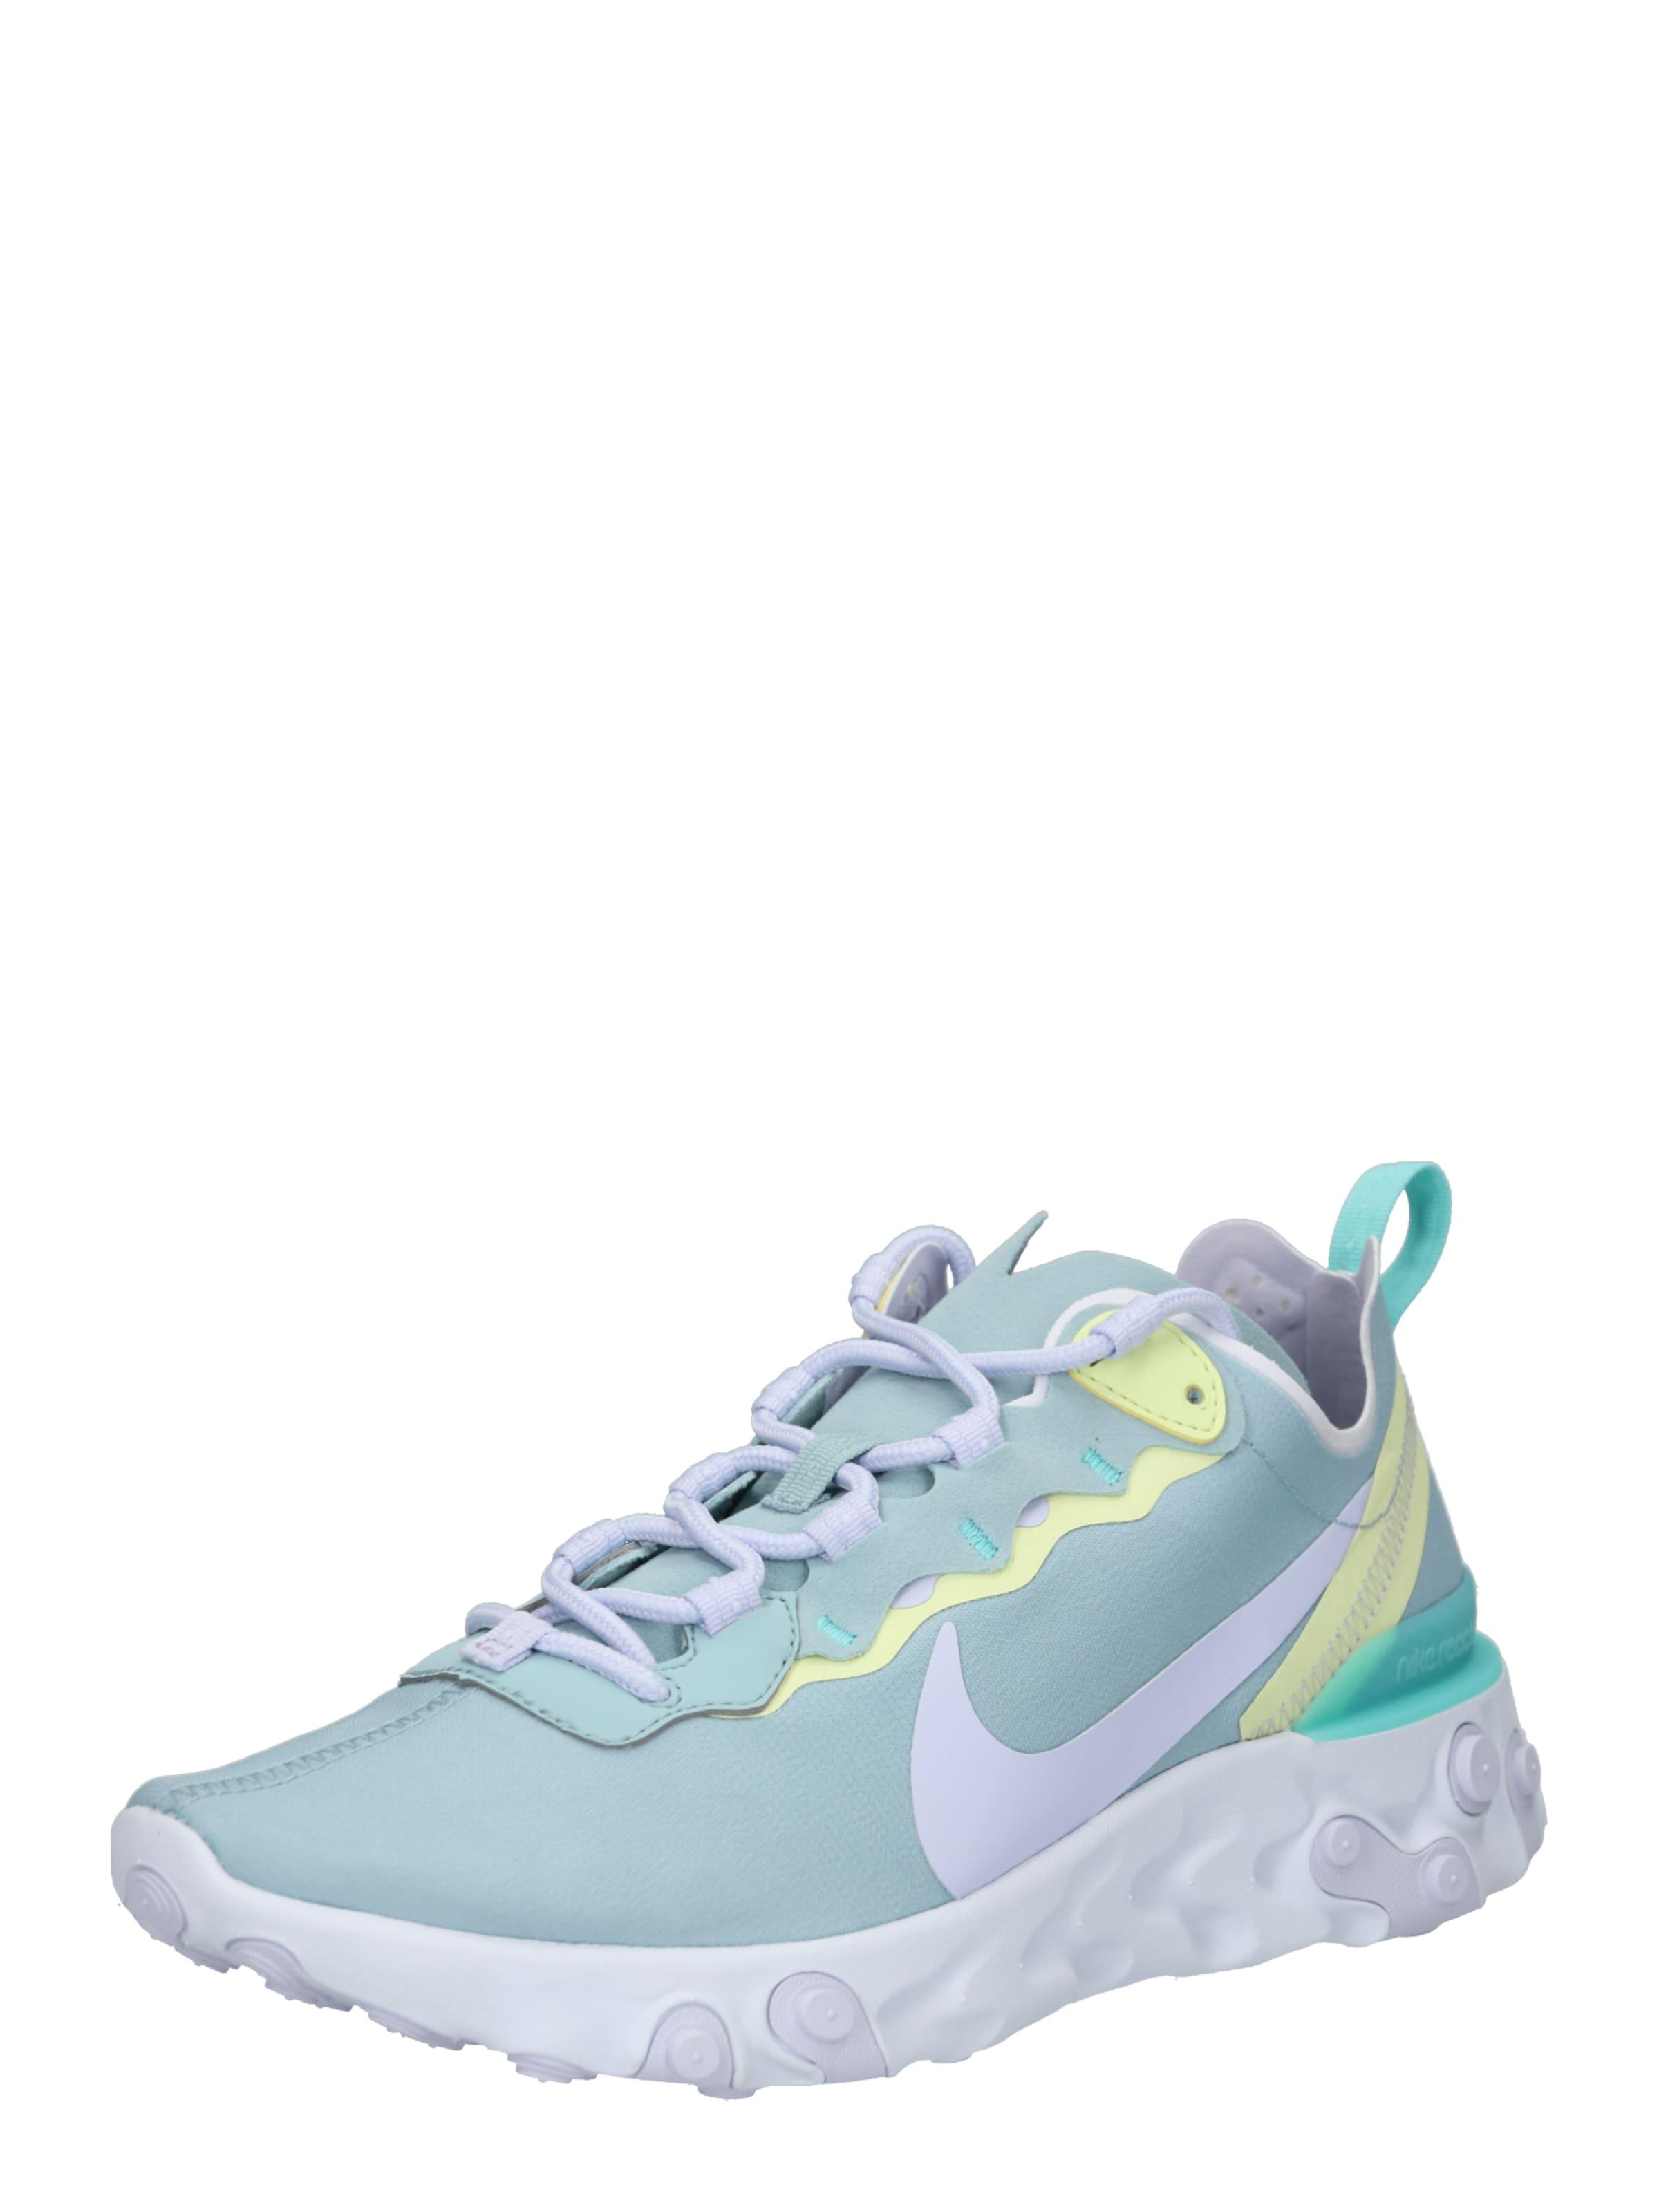 'react Vert Basses Sportswear Bleu En Baskets ClairJaune Nike 55' pLUMqSGzV